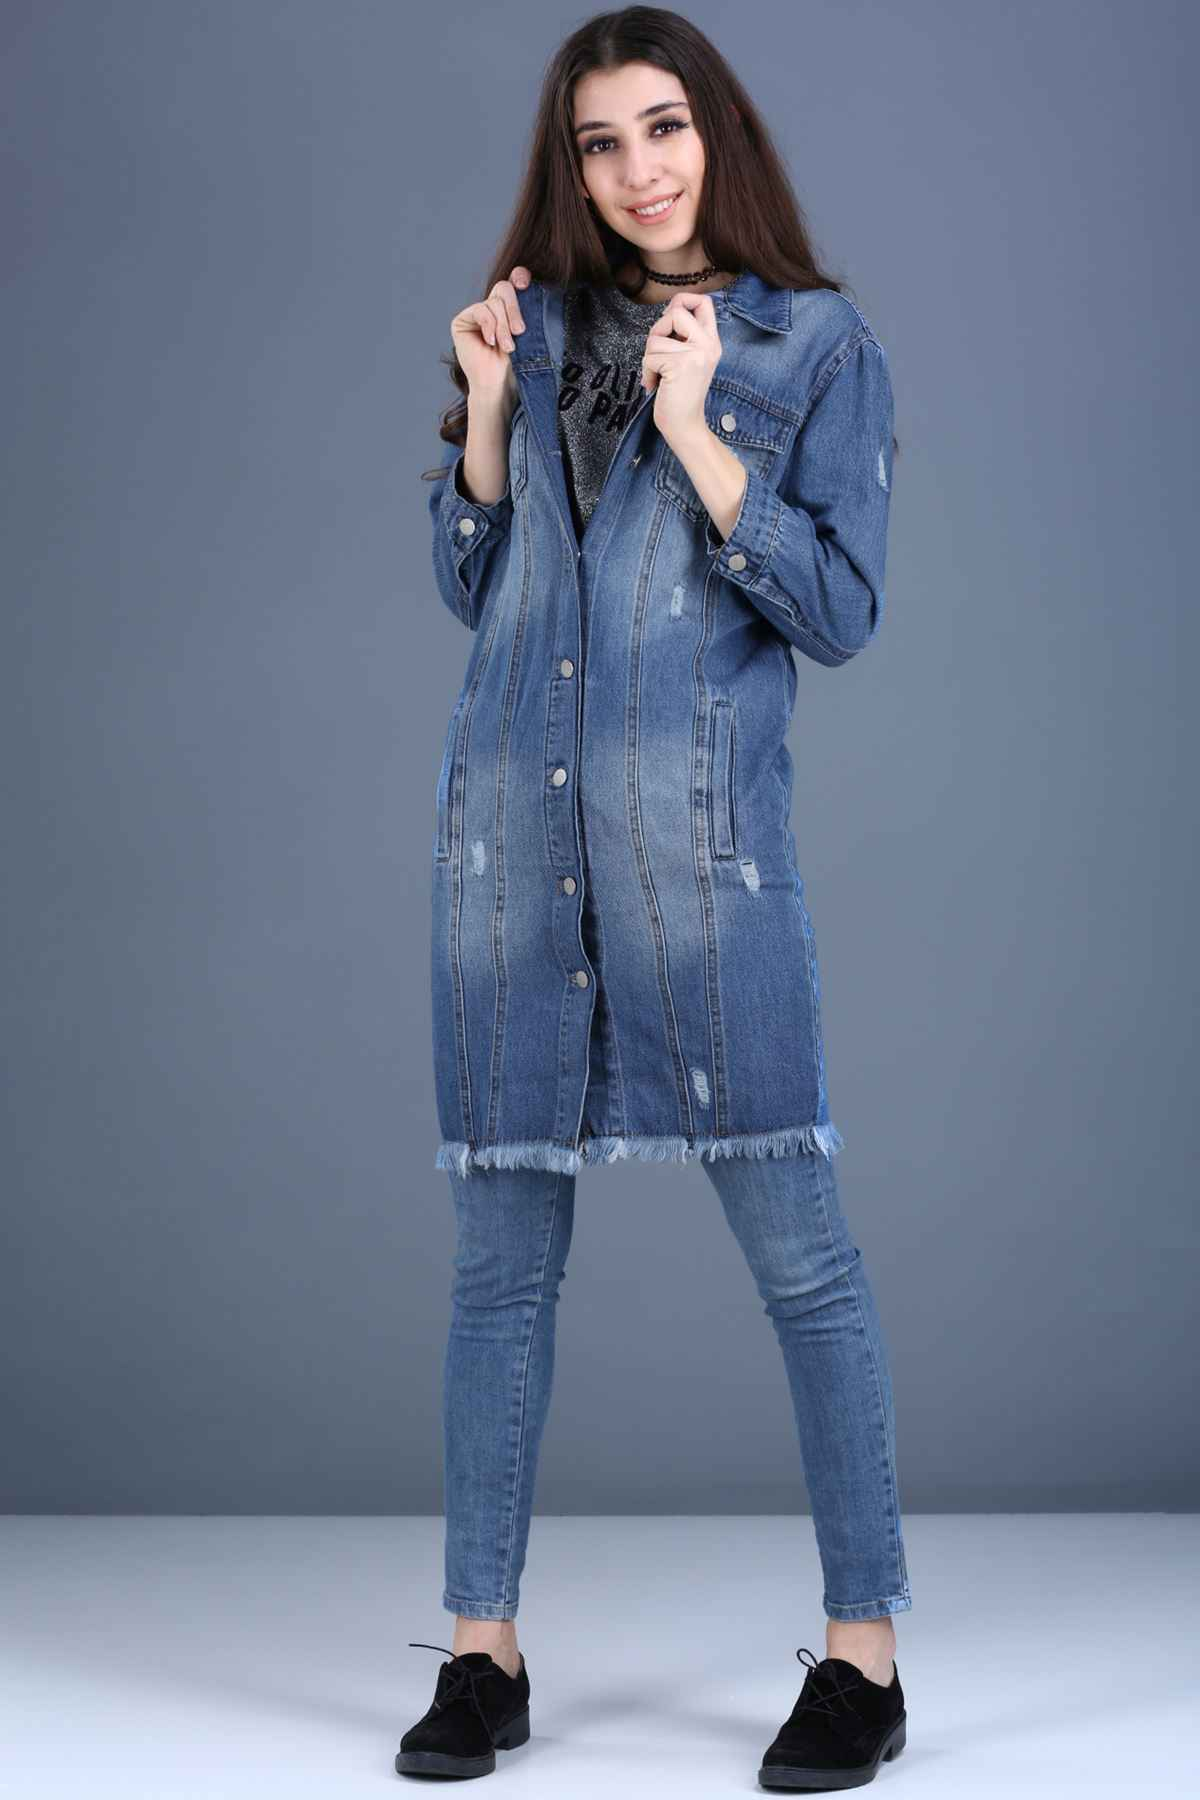 Patırtı Yırtık Model Uzun Kot Ceket Modelleri